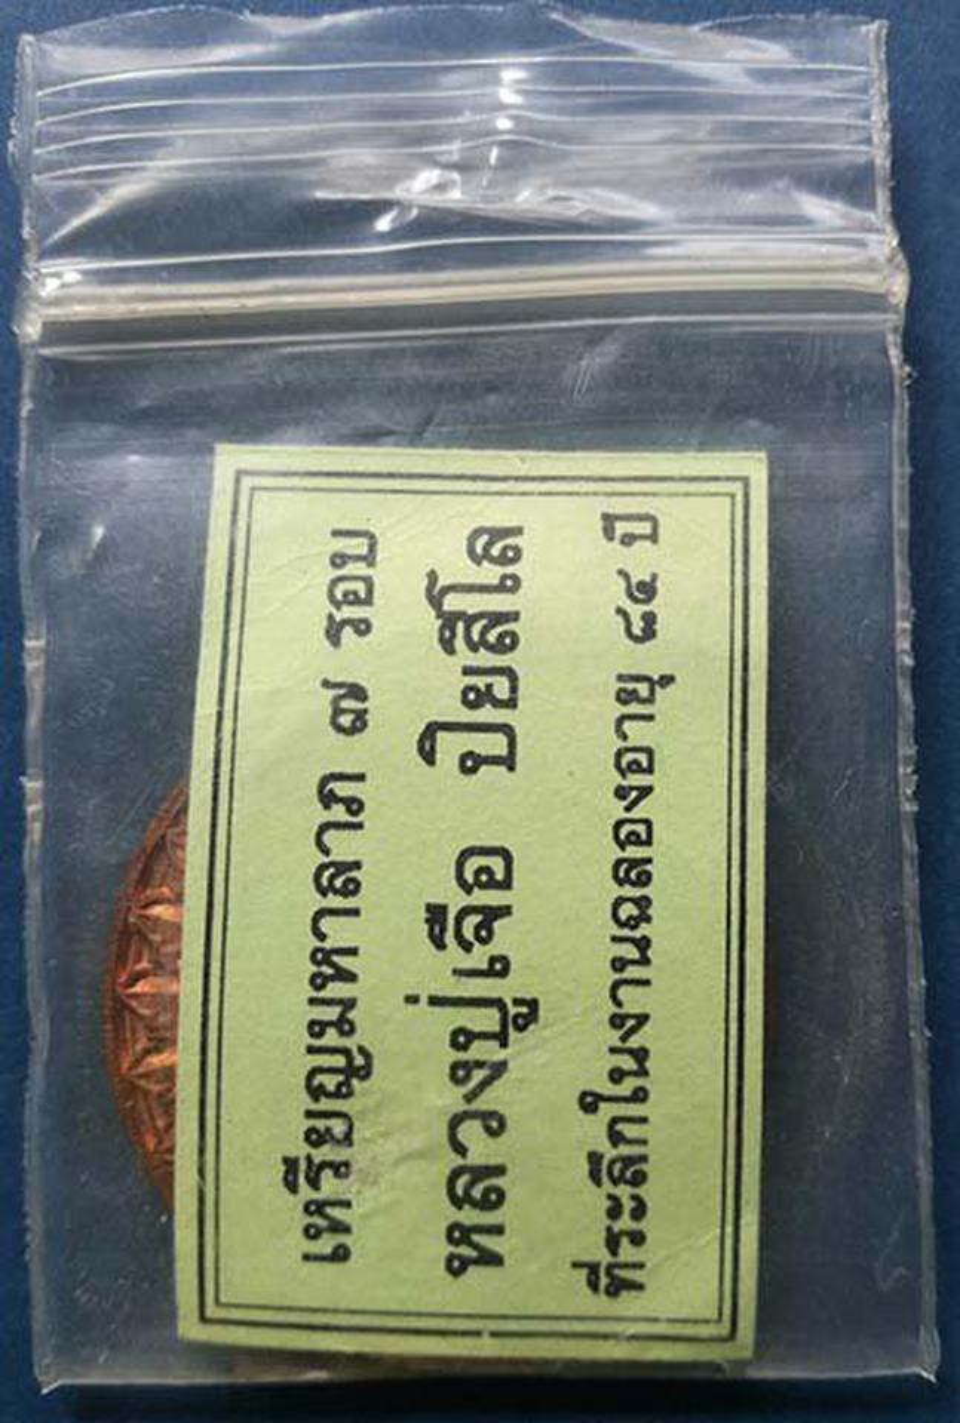 เหรียญ มหาลาภ 7 รอบ พ.ศ 2552 หลวงปู่เจือ วัดกลางบางแก้ว รูปที่ 1